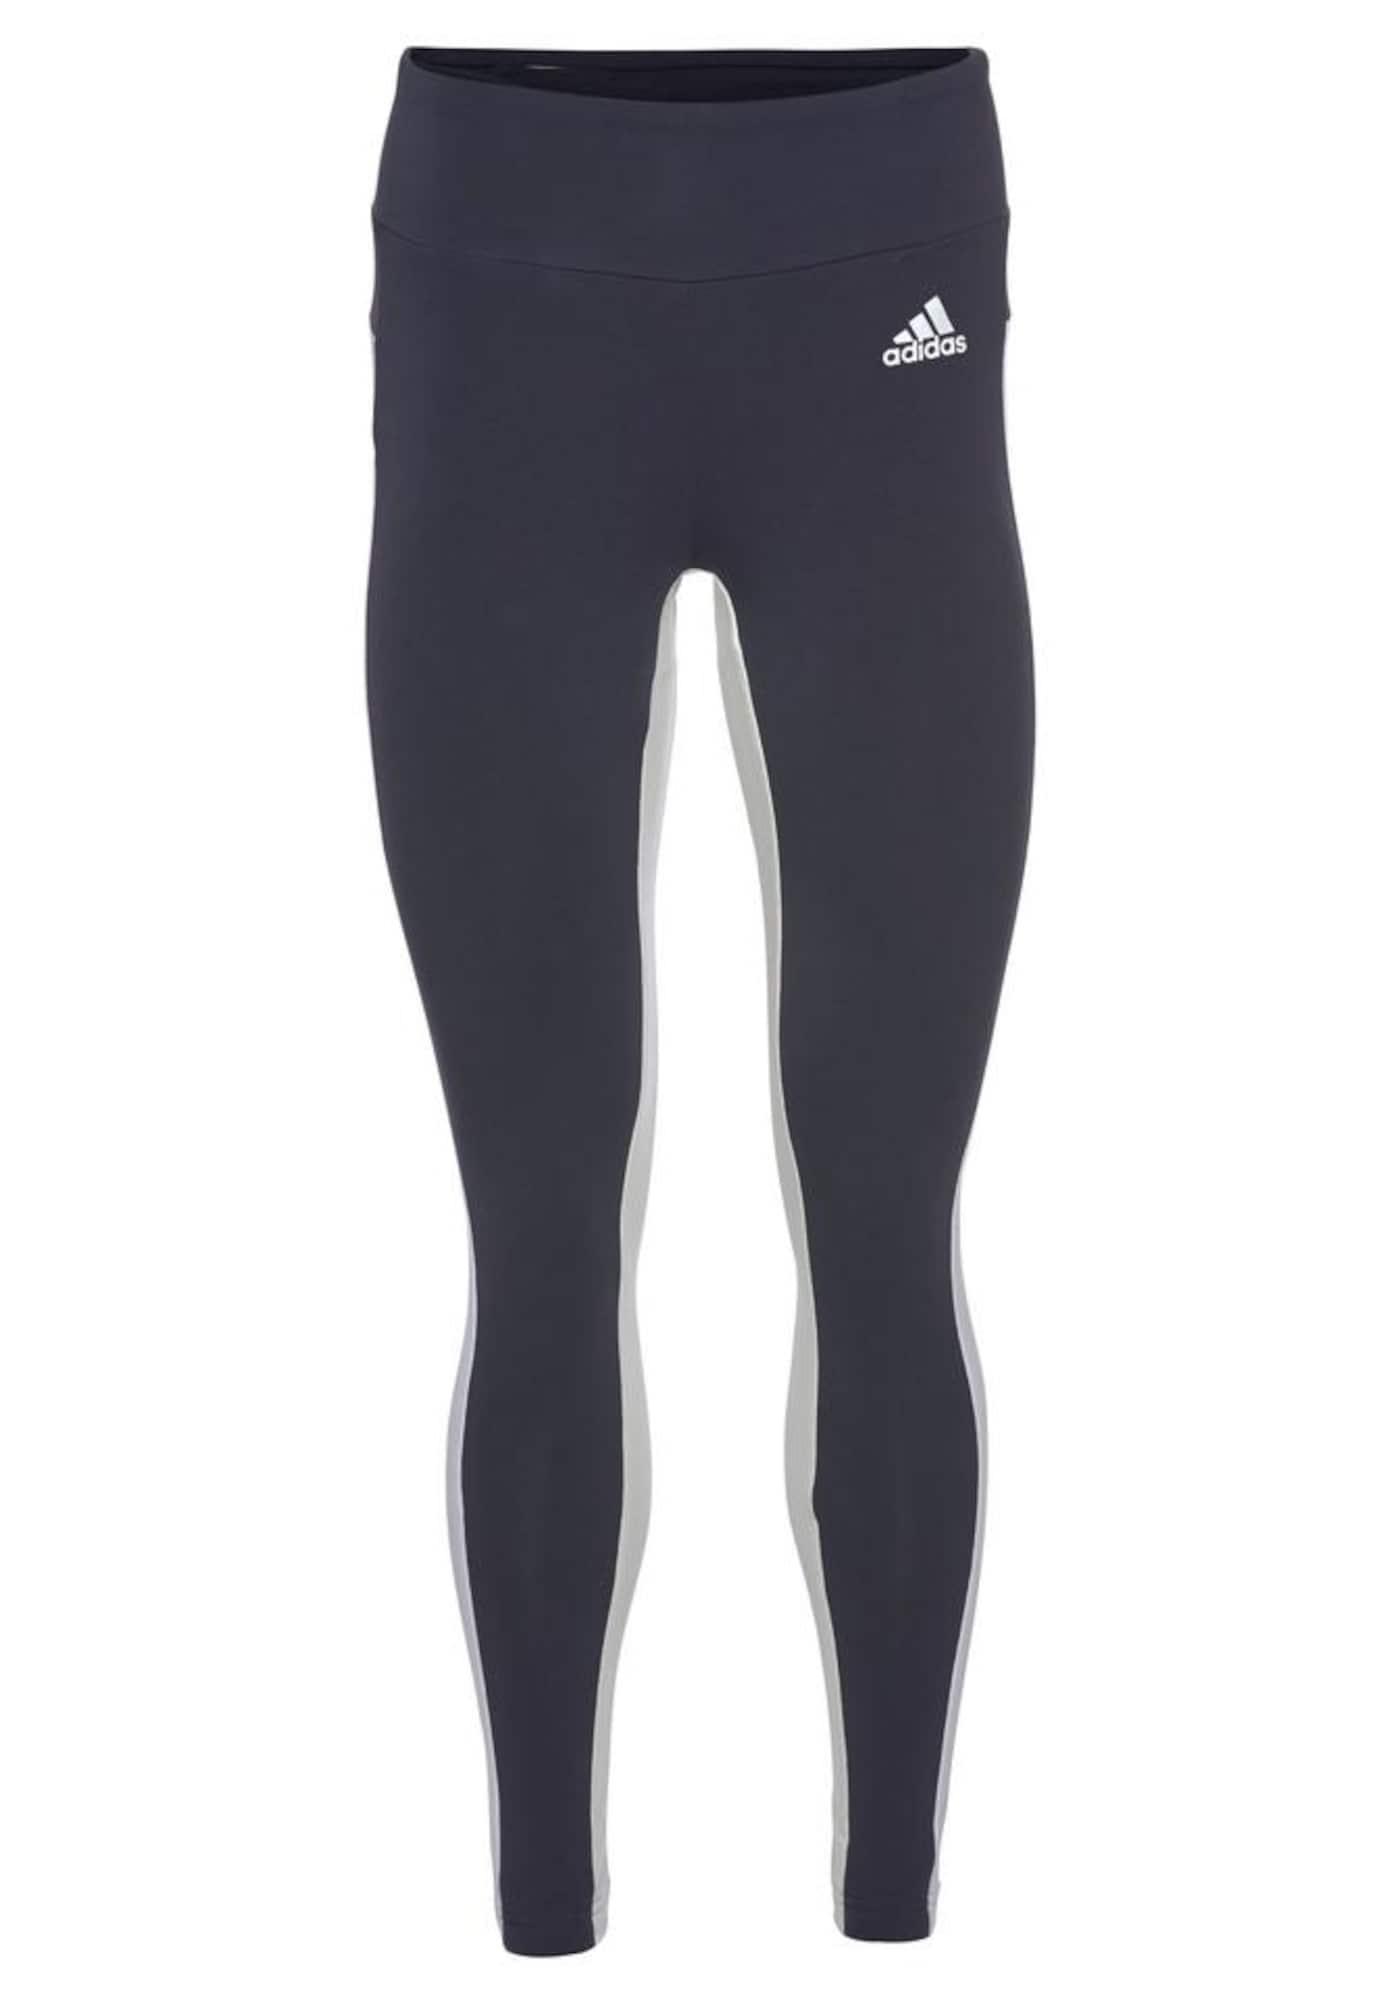 ADIDAS PERFORMANCE Sportinės kelnės tamsiai mėlyna jūros spalva / balta